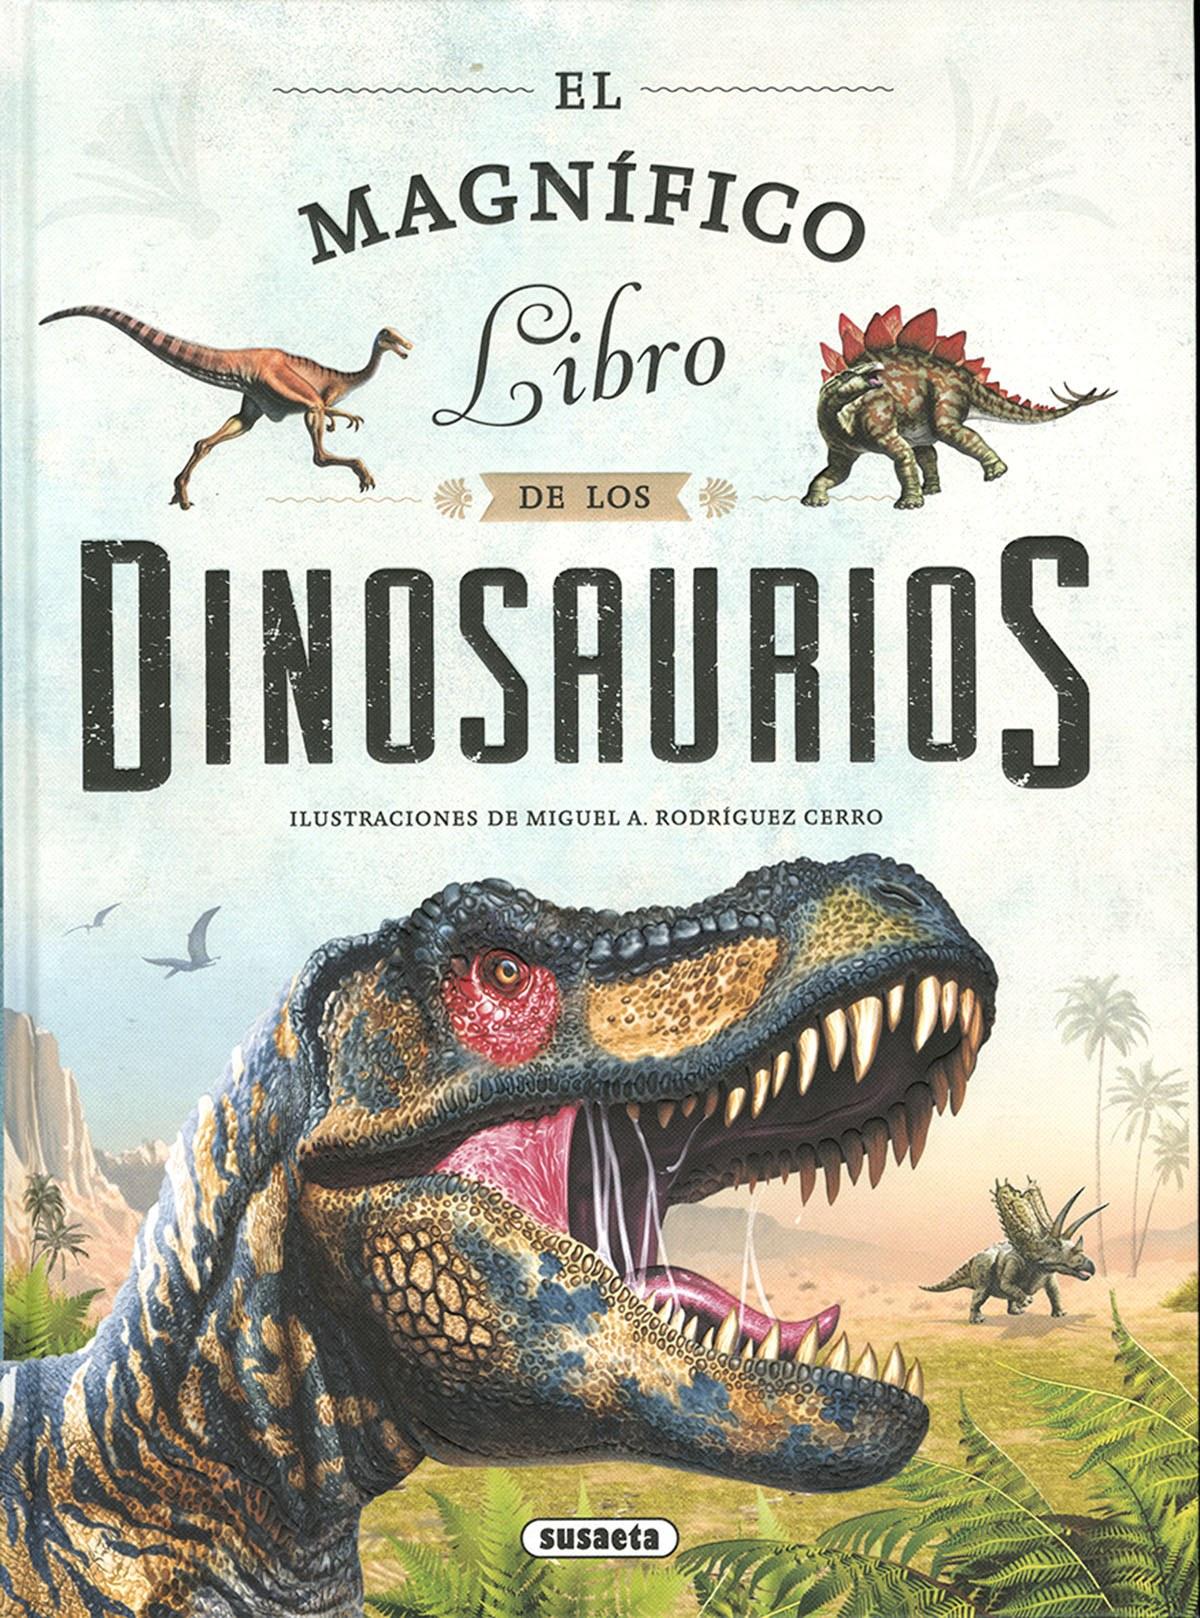 El magn¡fico libro de los dinosaurios 9788467774214